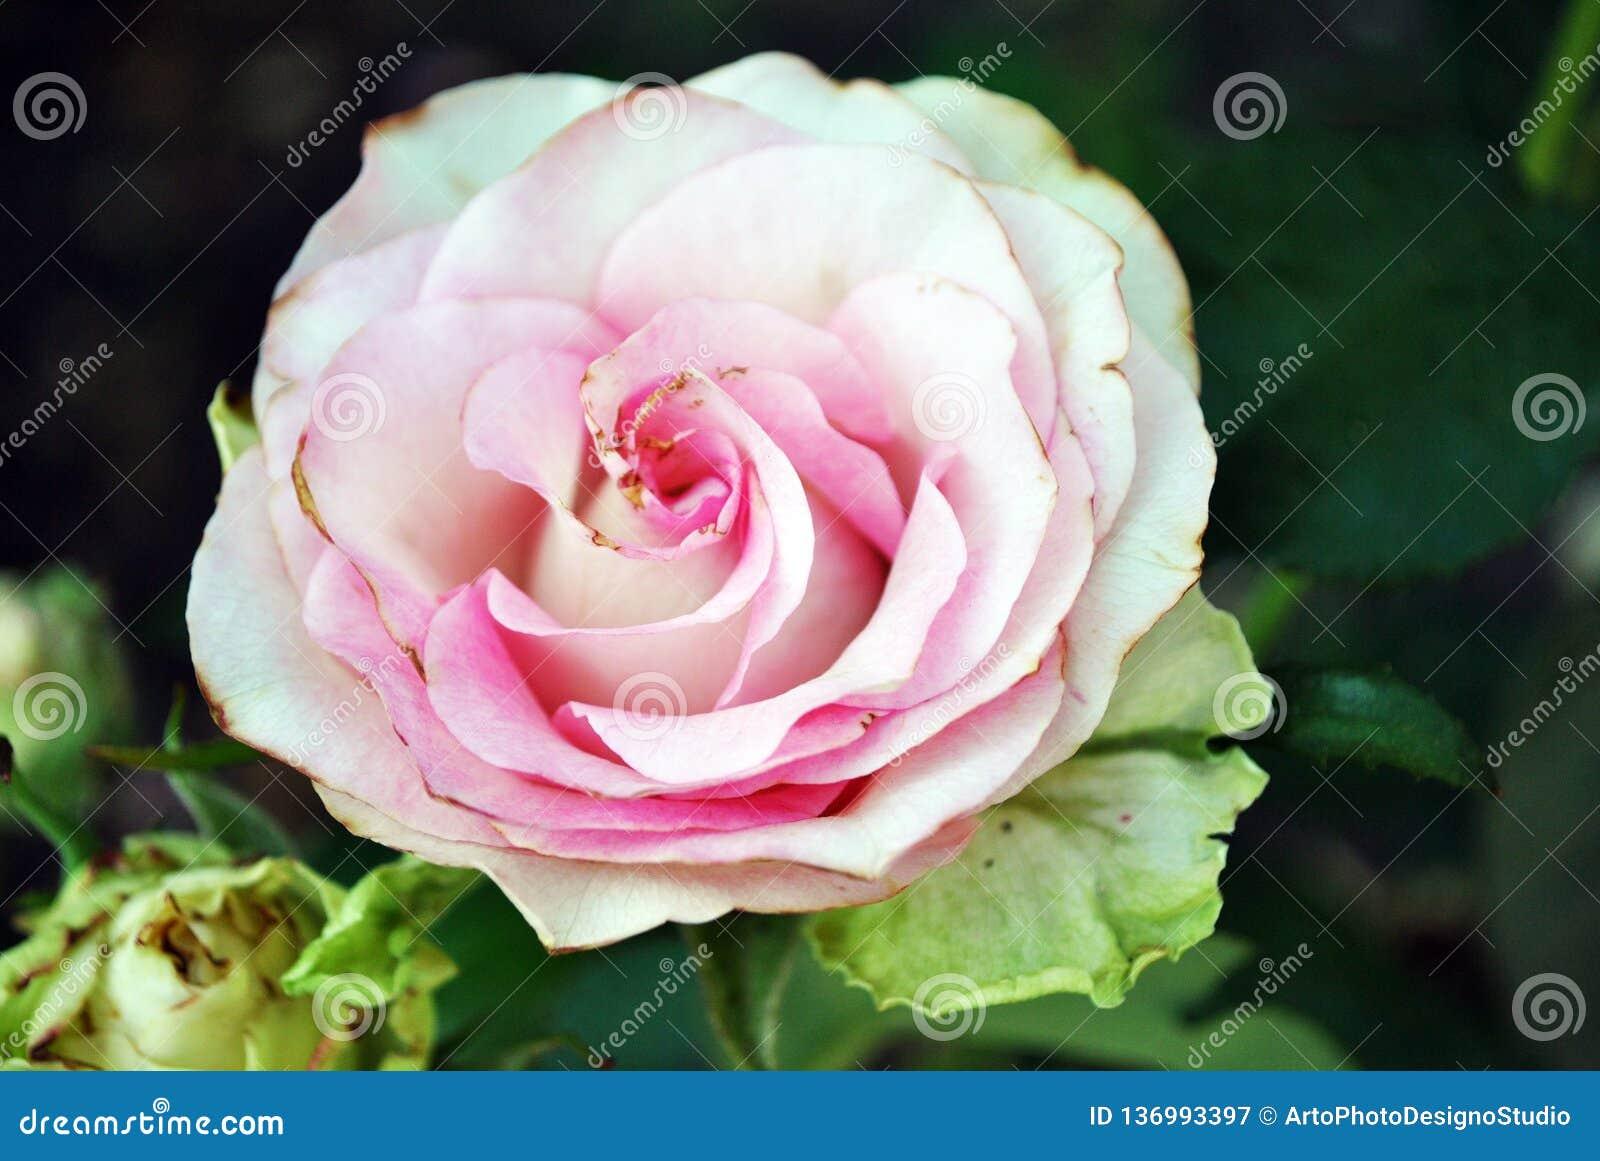 Vit steg med den rosa mitten som blommar knoppen på den gröna busken, kronblad stänger sig upp detaljen, mjuk oskarp bokeh